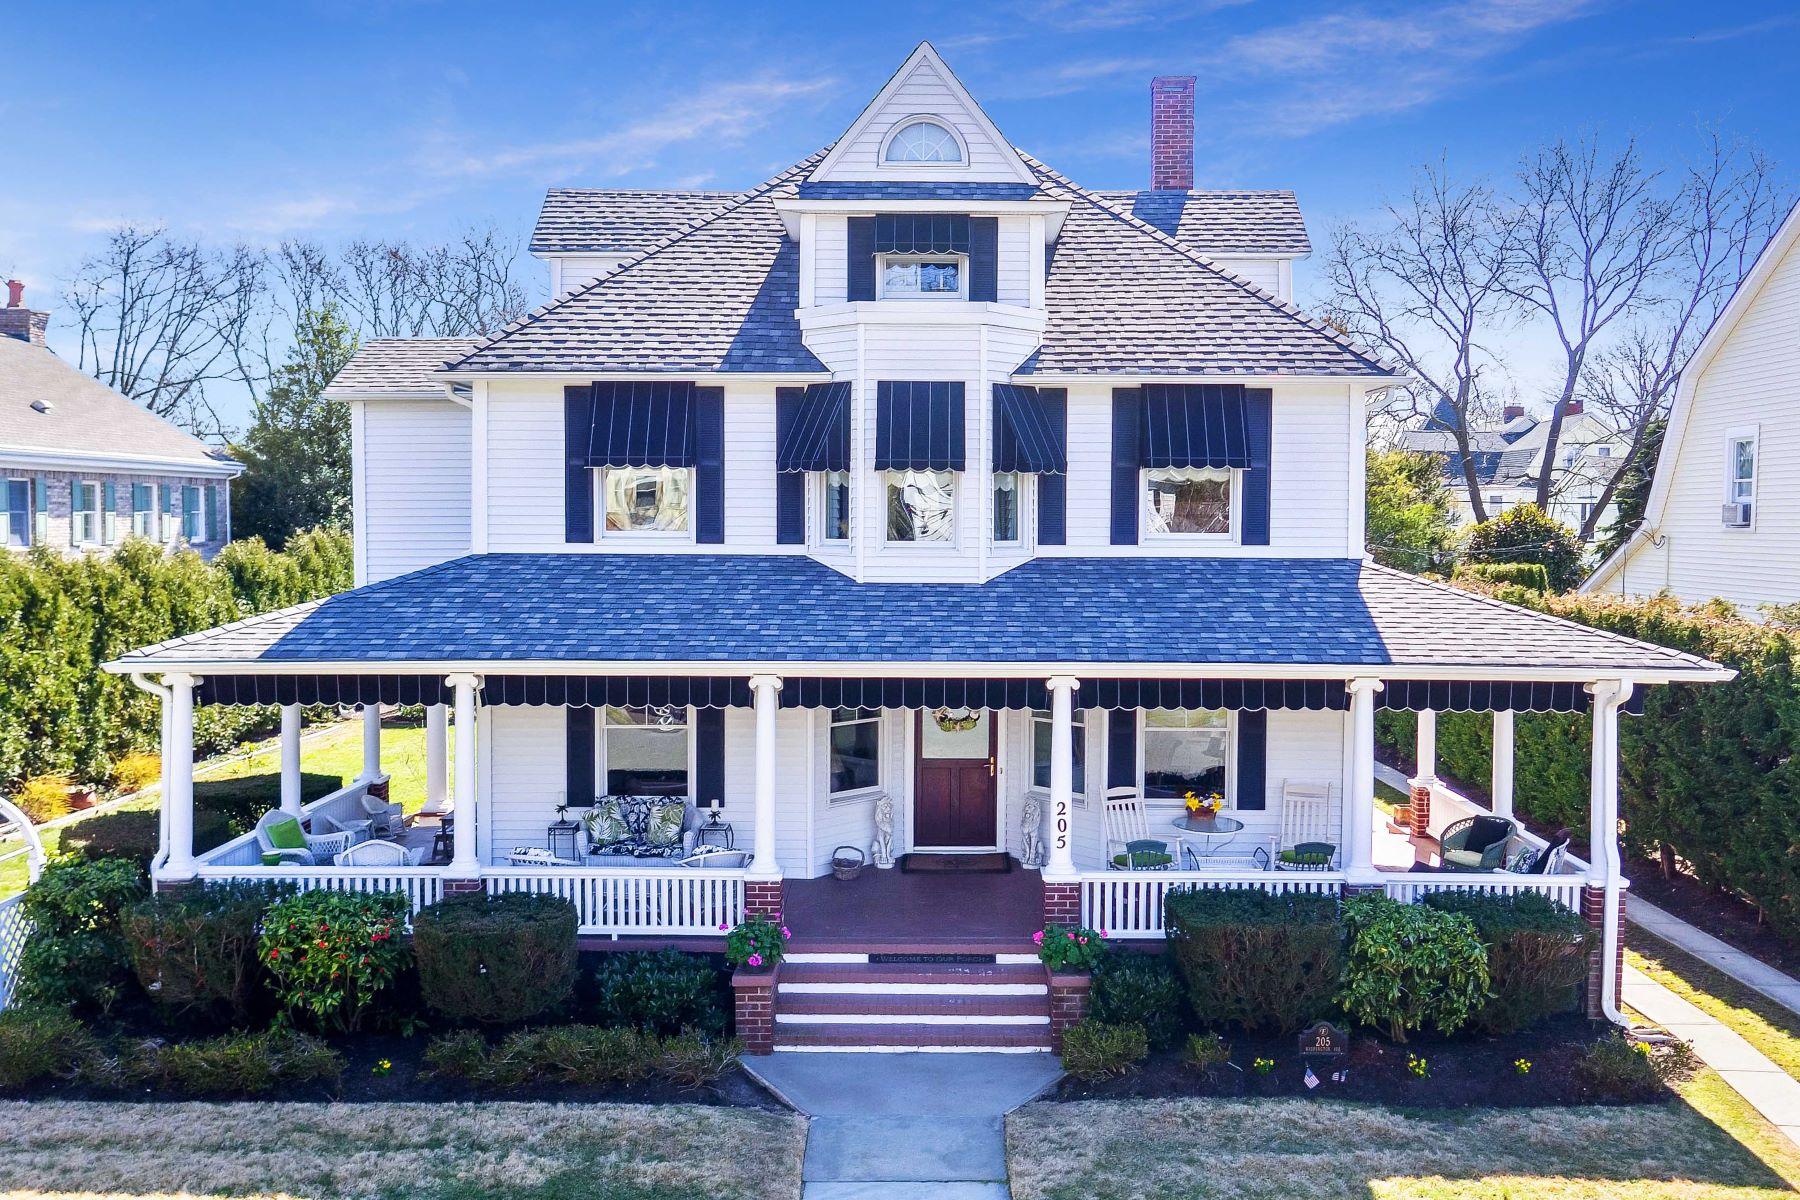 Casa Unifamiliar por un Venta en Wonderful on Washington 205 Washington Ave Spring Lake, Nueva Jersey, 07762 Estados Unidos